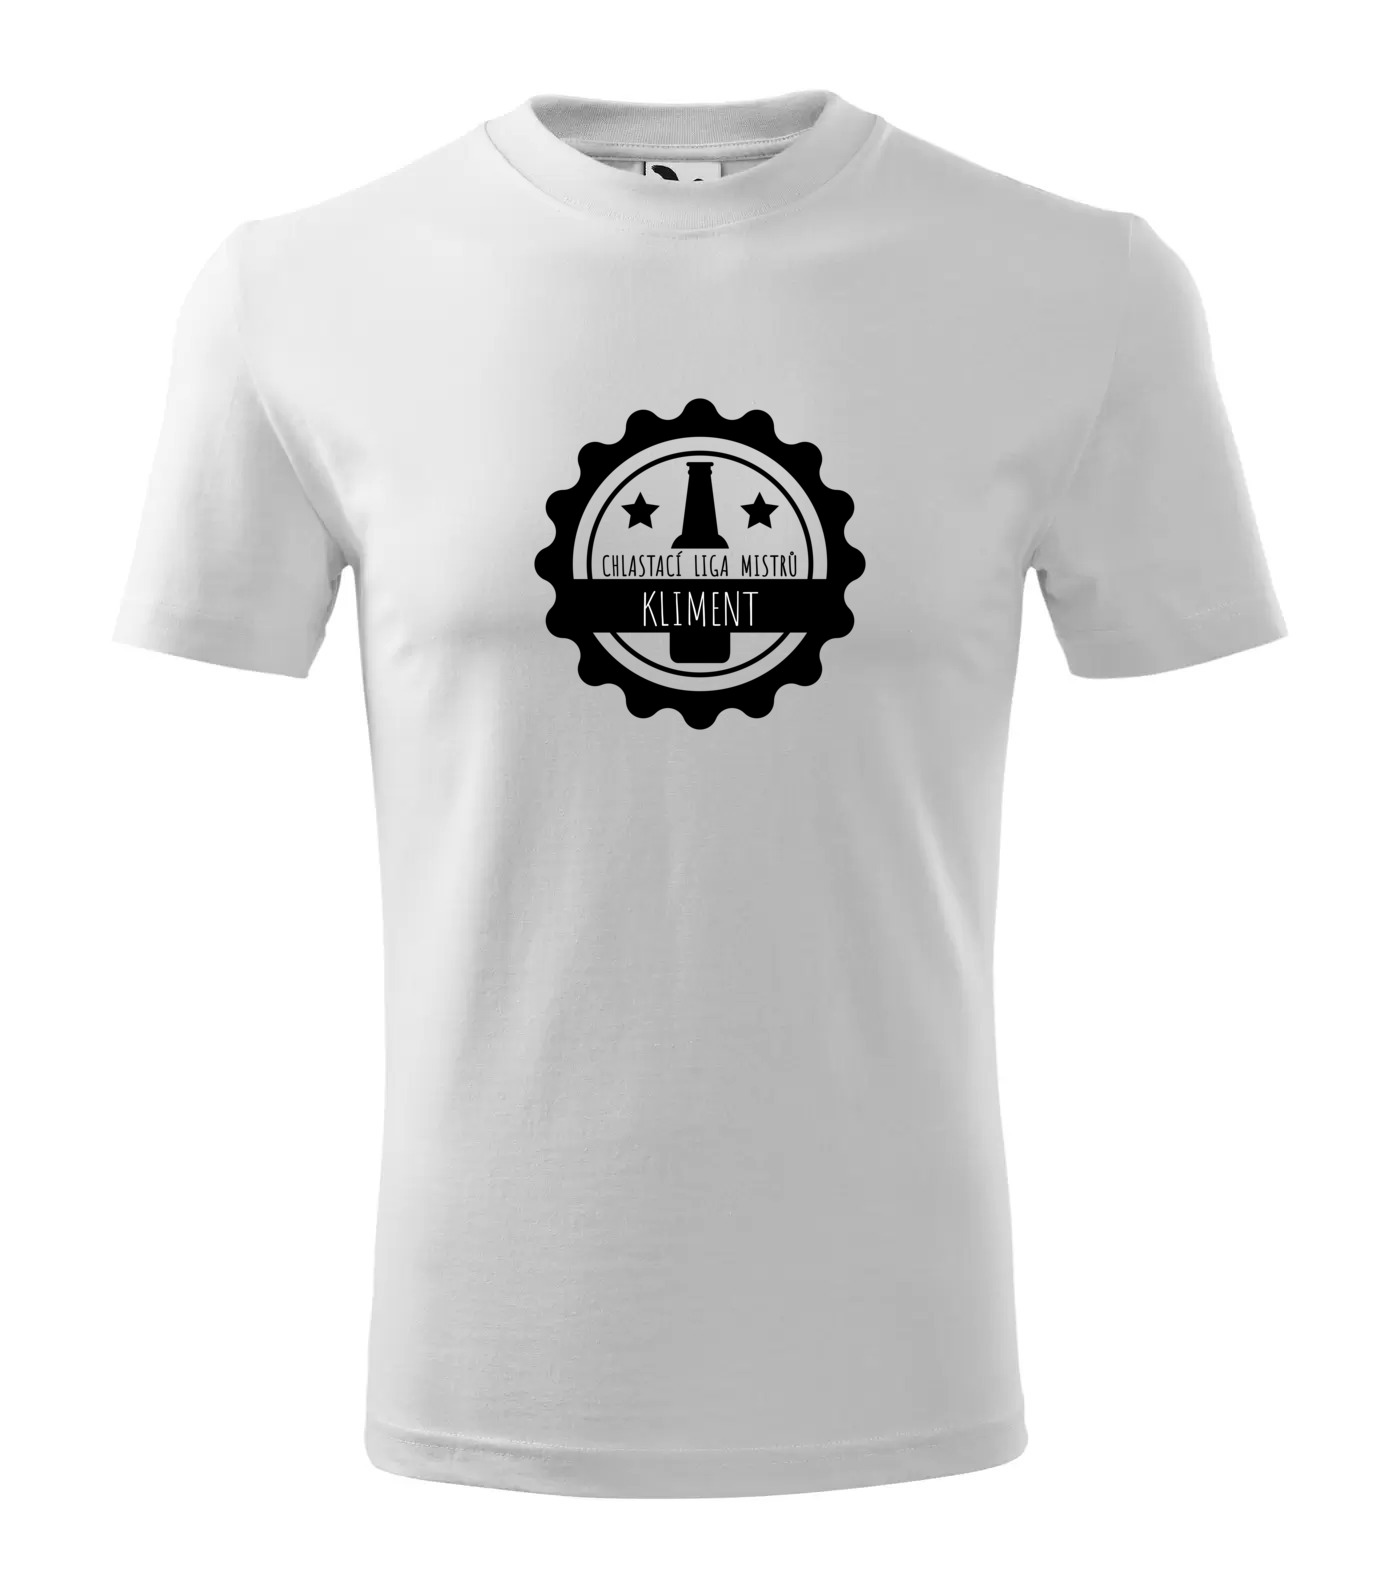 Tričko Chlastací liga mužů Kliment